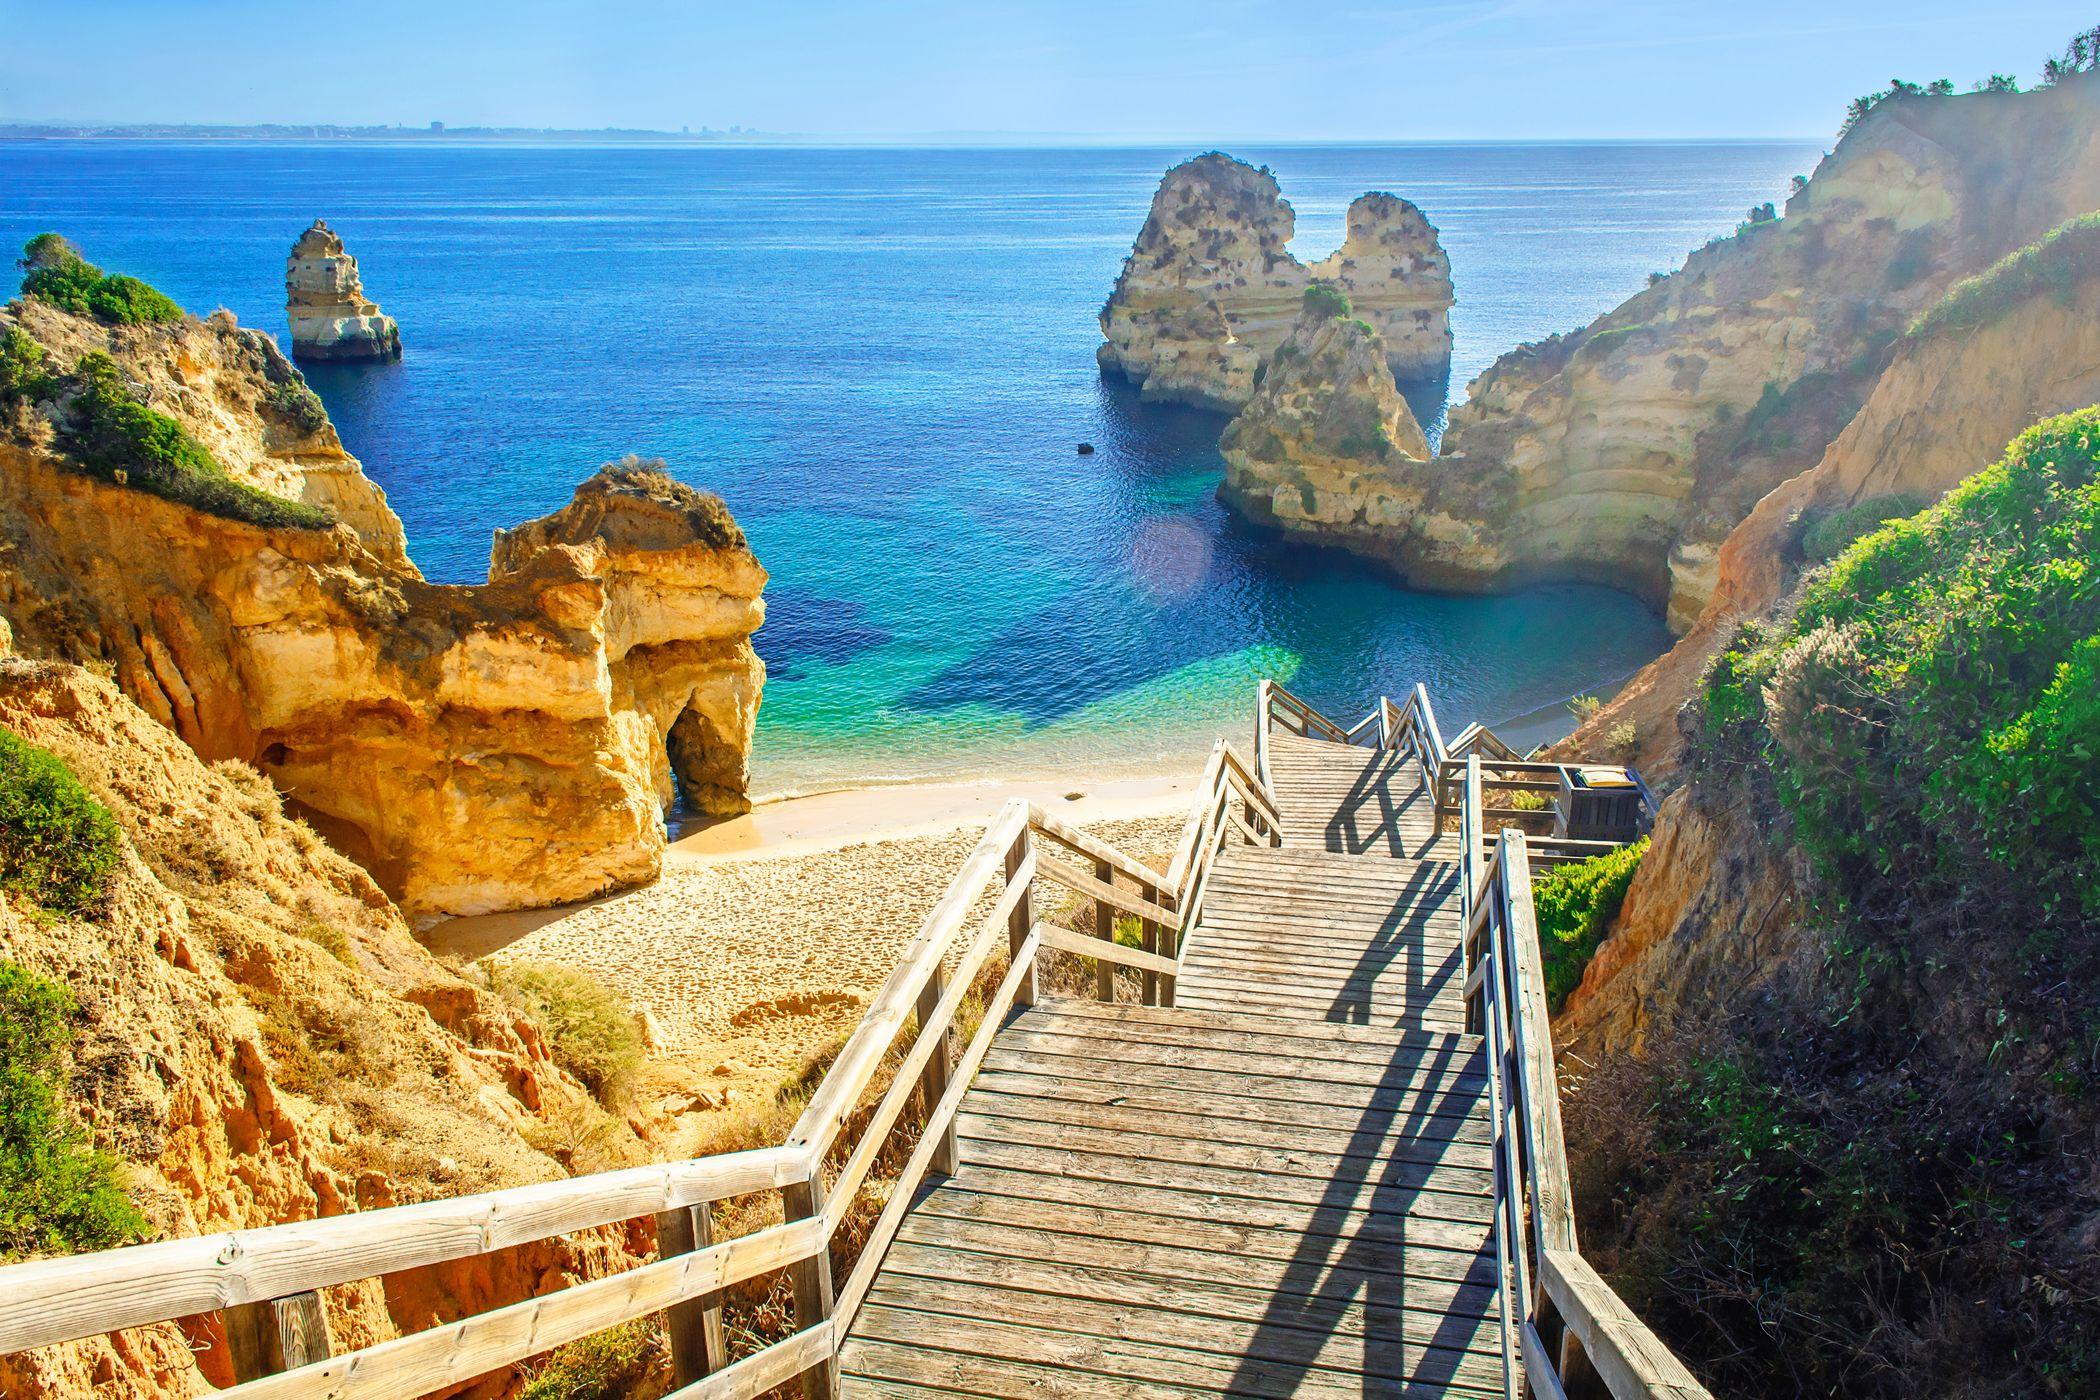 Strand-Algarve.jpg